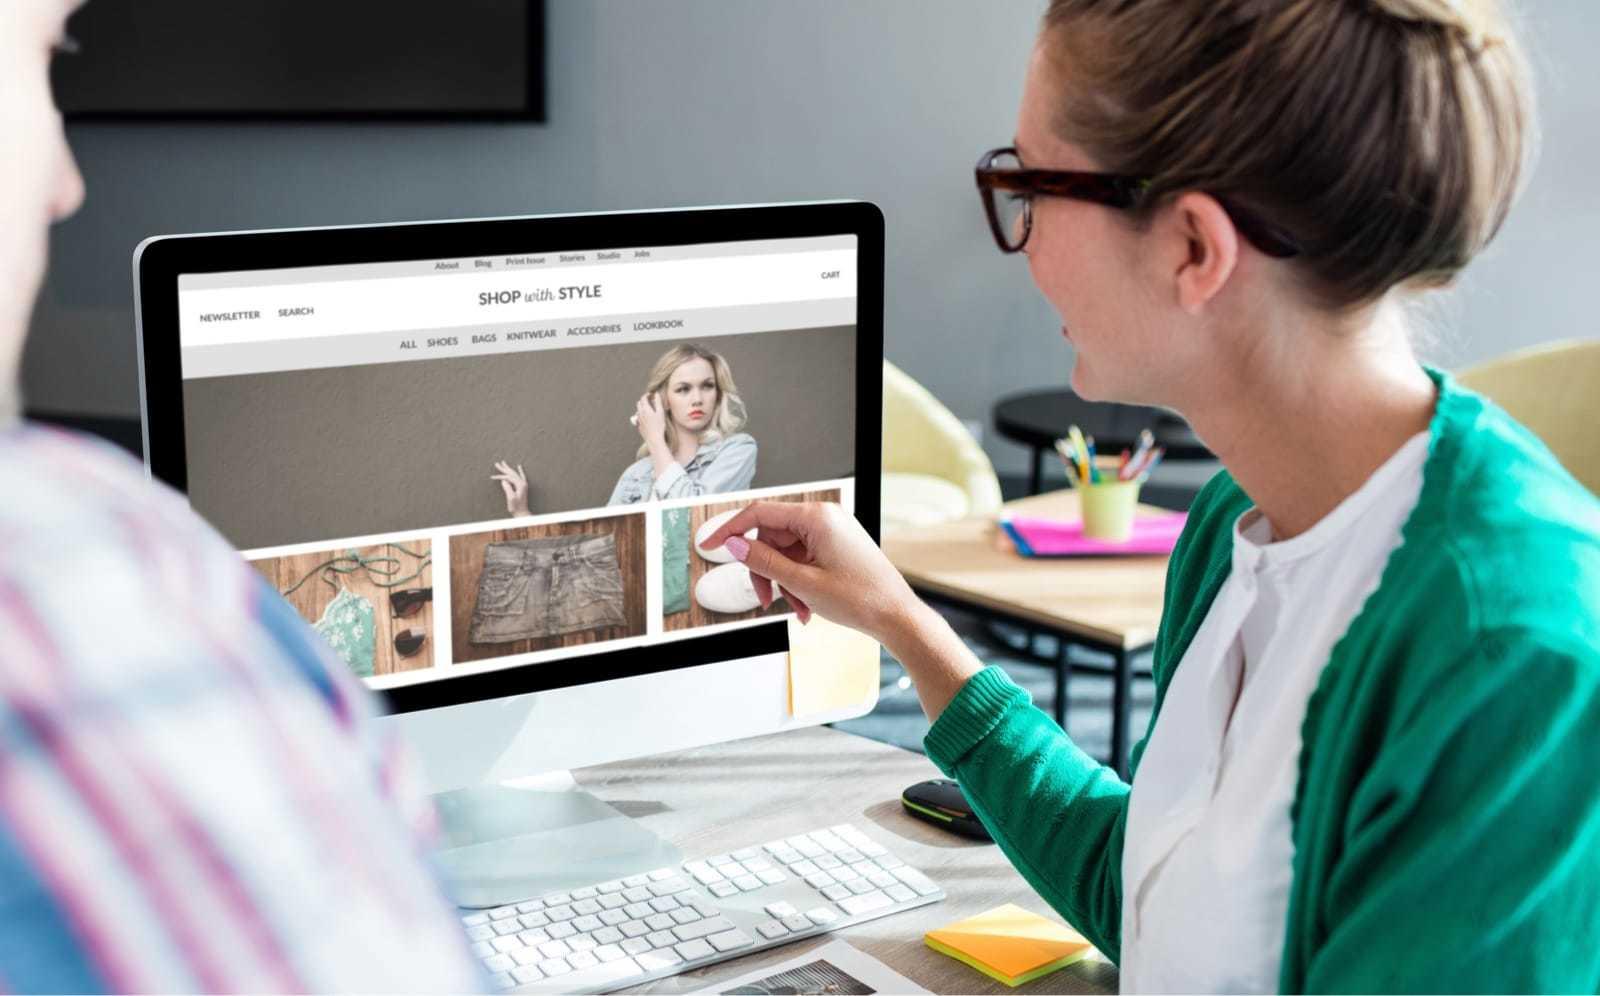 パソコンに表示されたホームページを指す女性